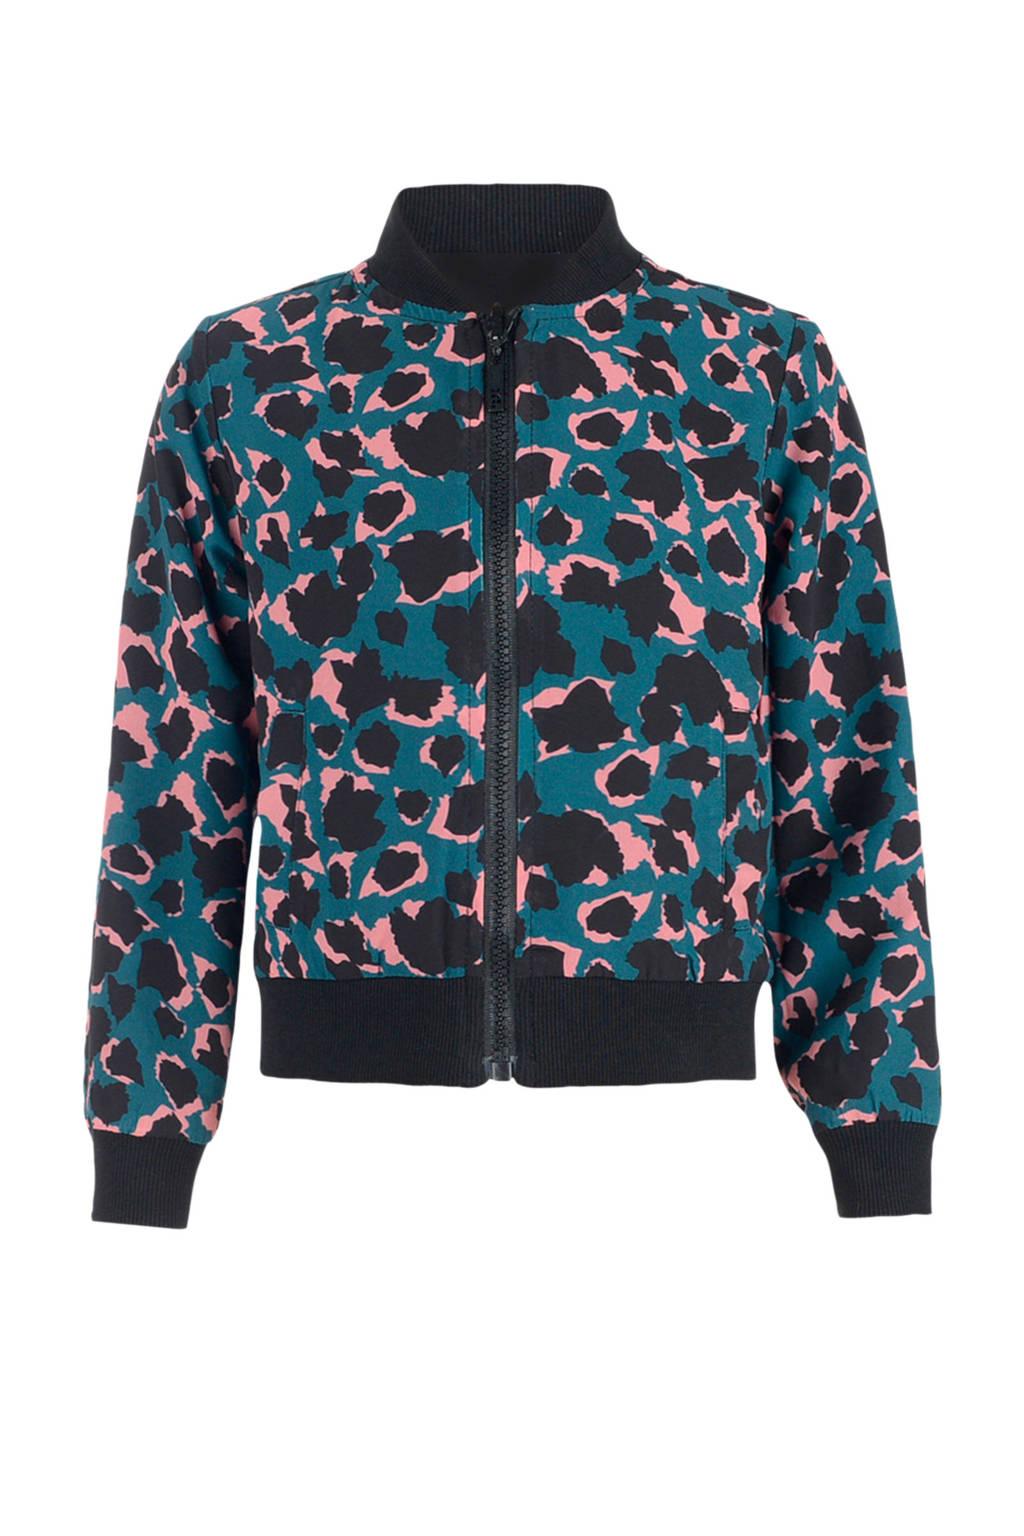 Jill vest Melia met panterprint donkerblauw/roze/zwart